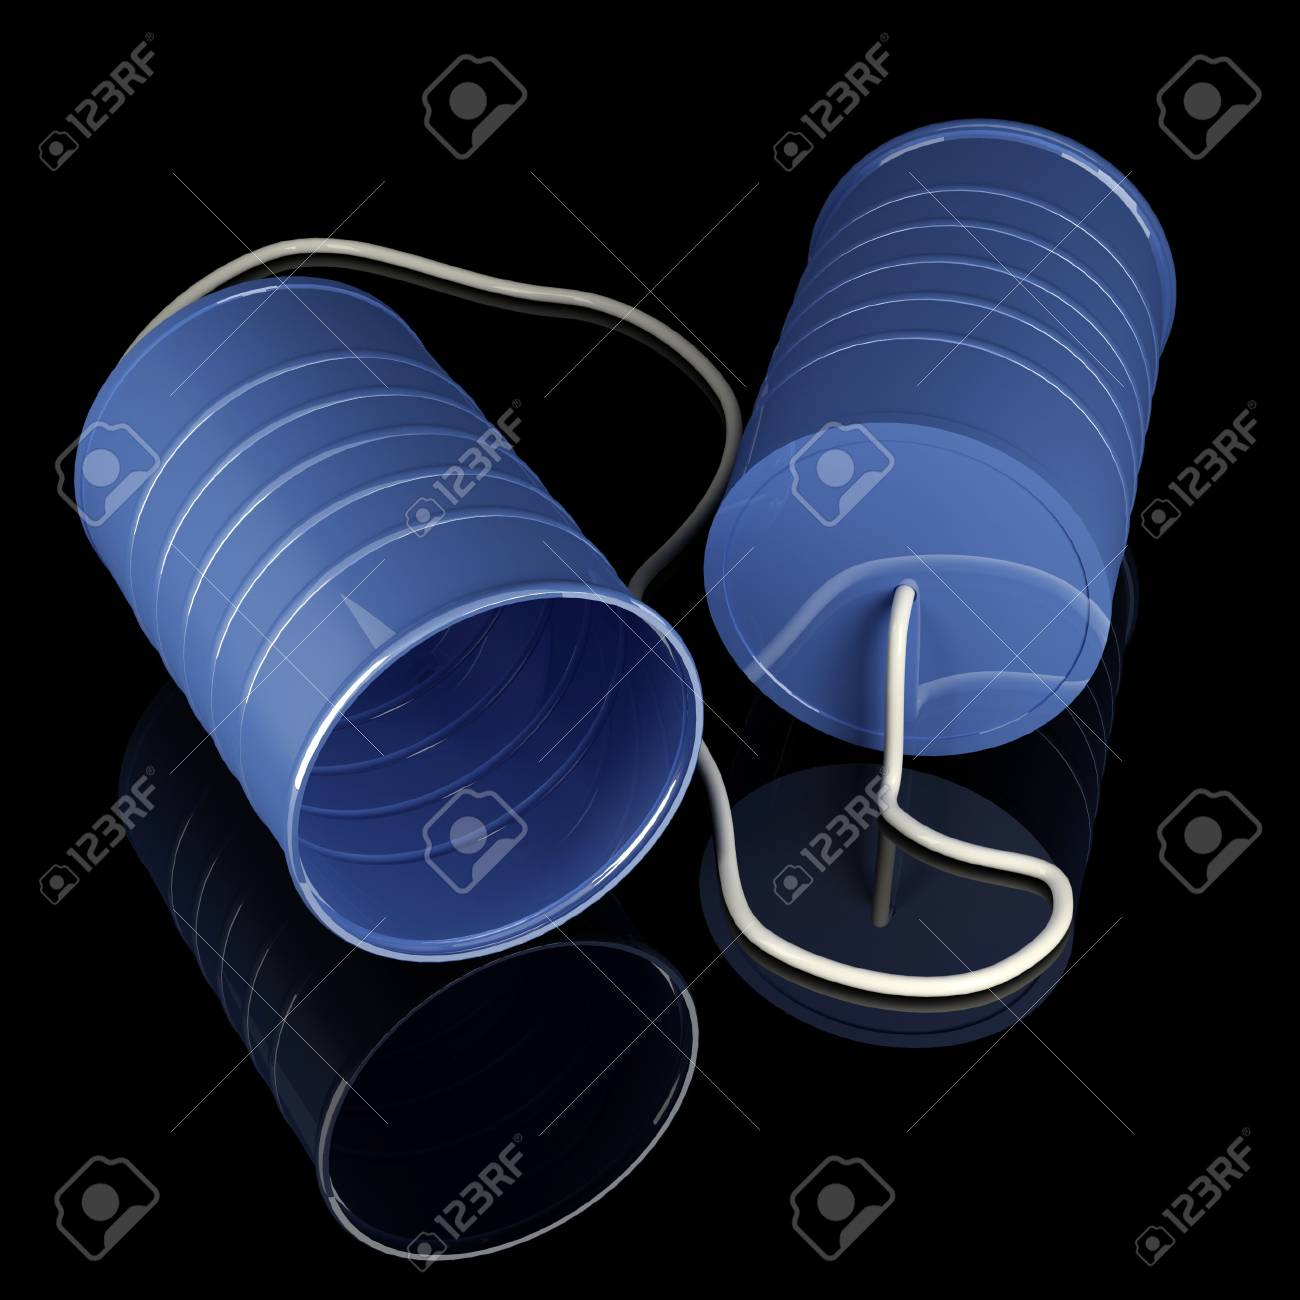 Immagini Stock Belle Immagini 3d Di Telefono Blu Può 3d Sfondo